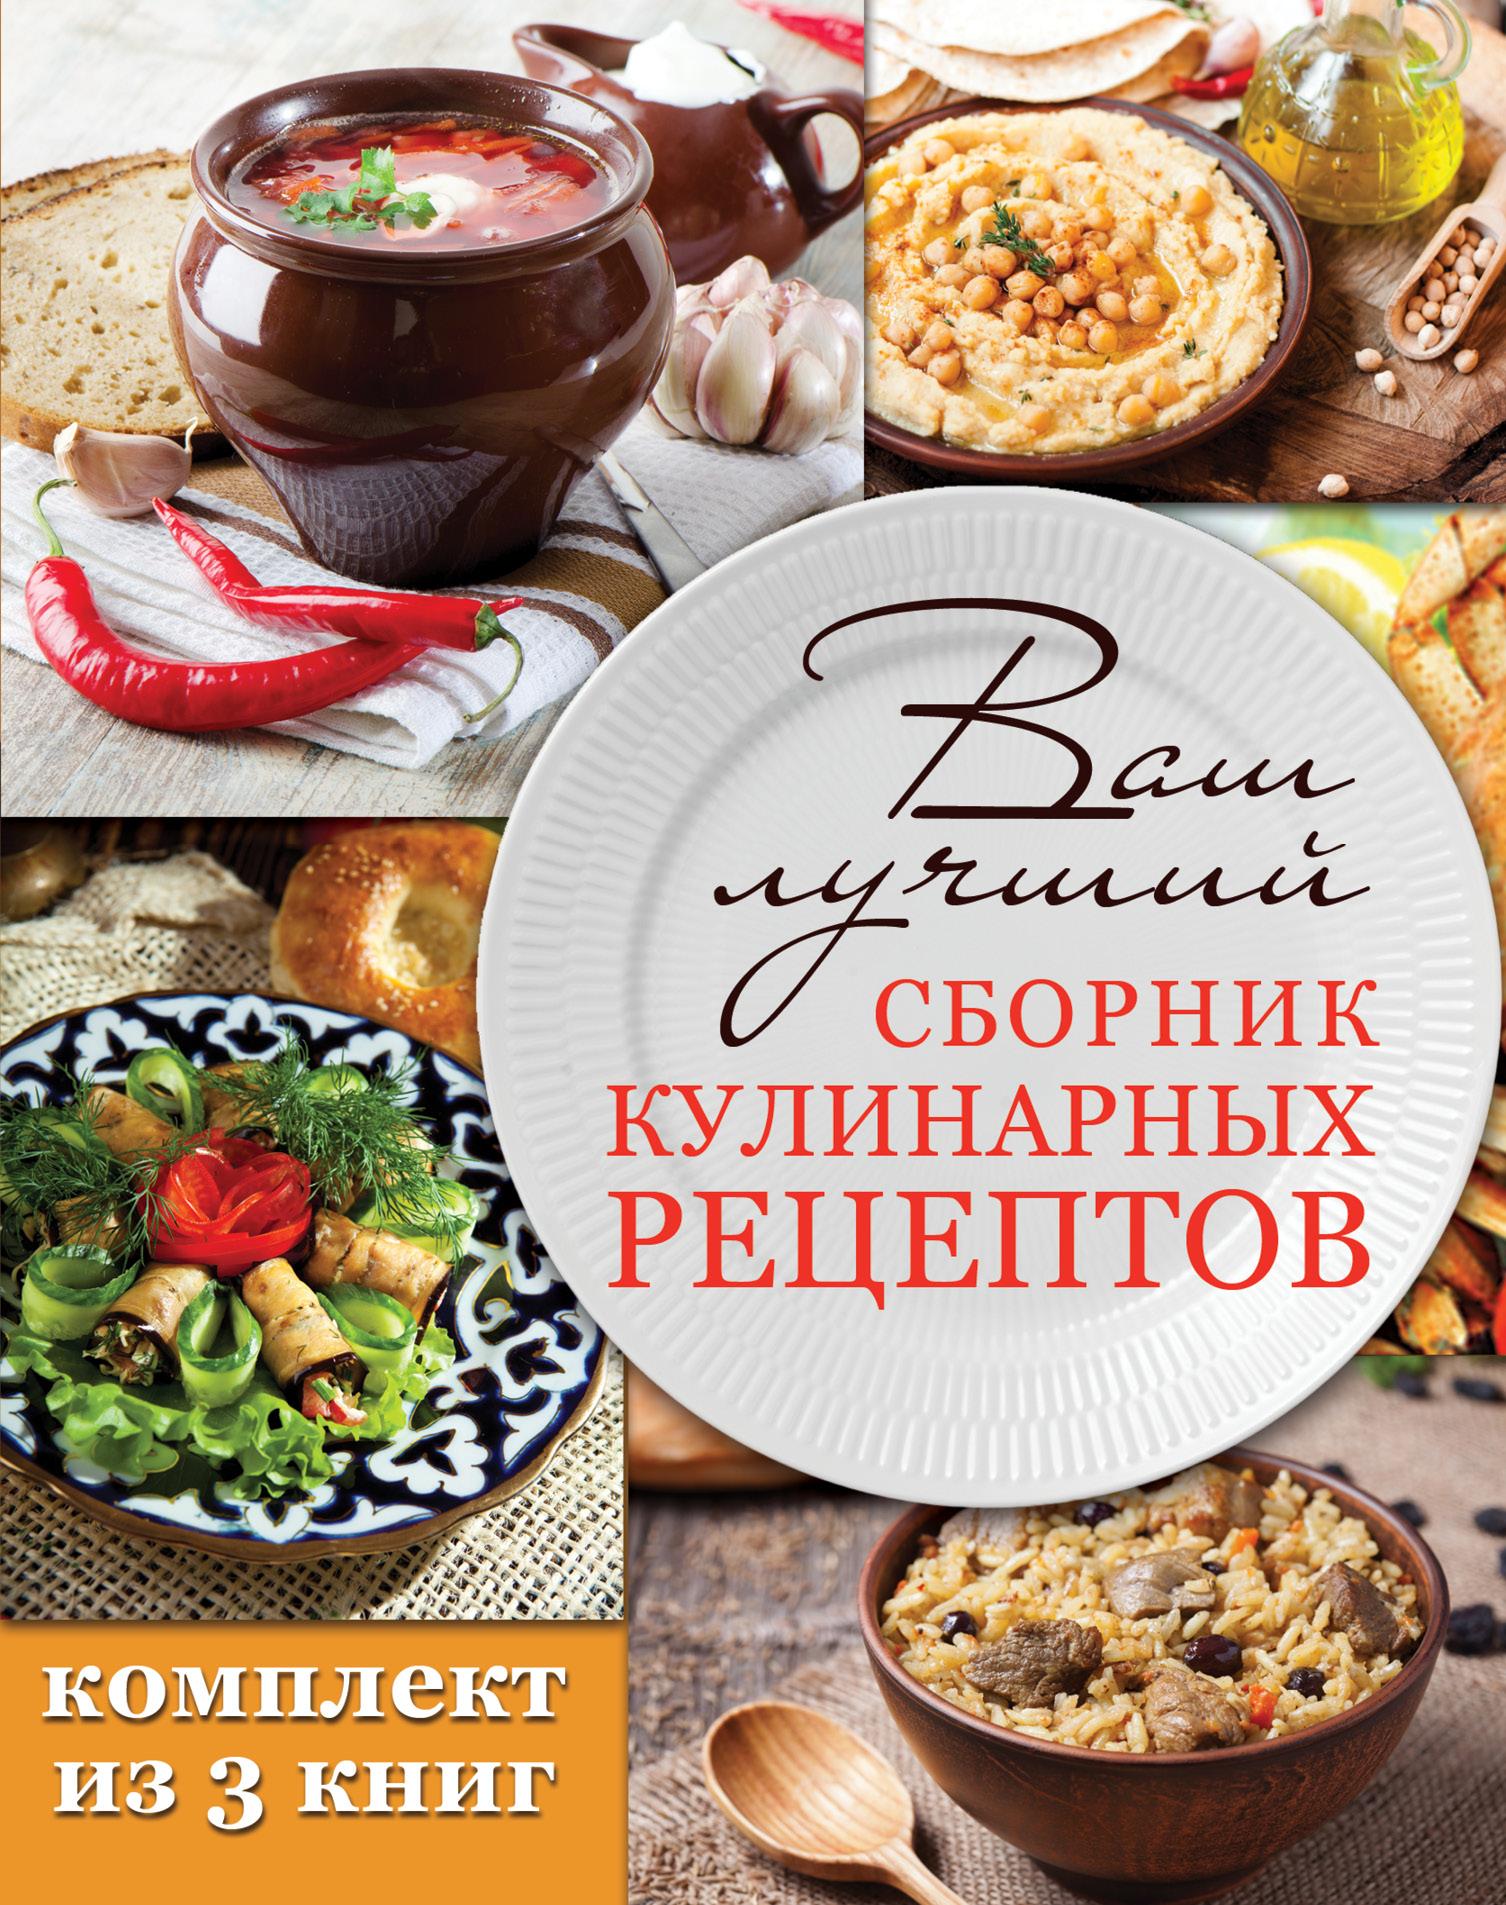 Ваш лучший сборник кулинарных рецептов (комплект из 3 книг)